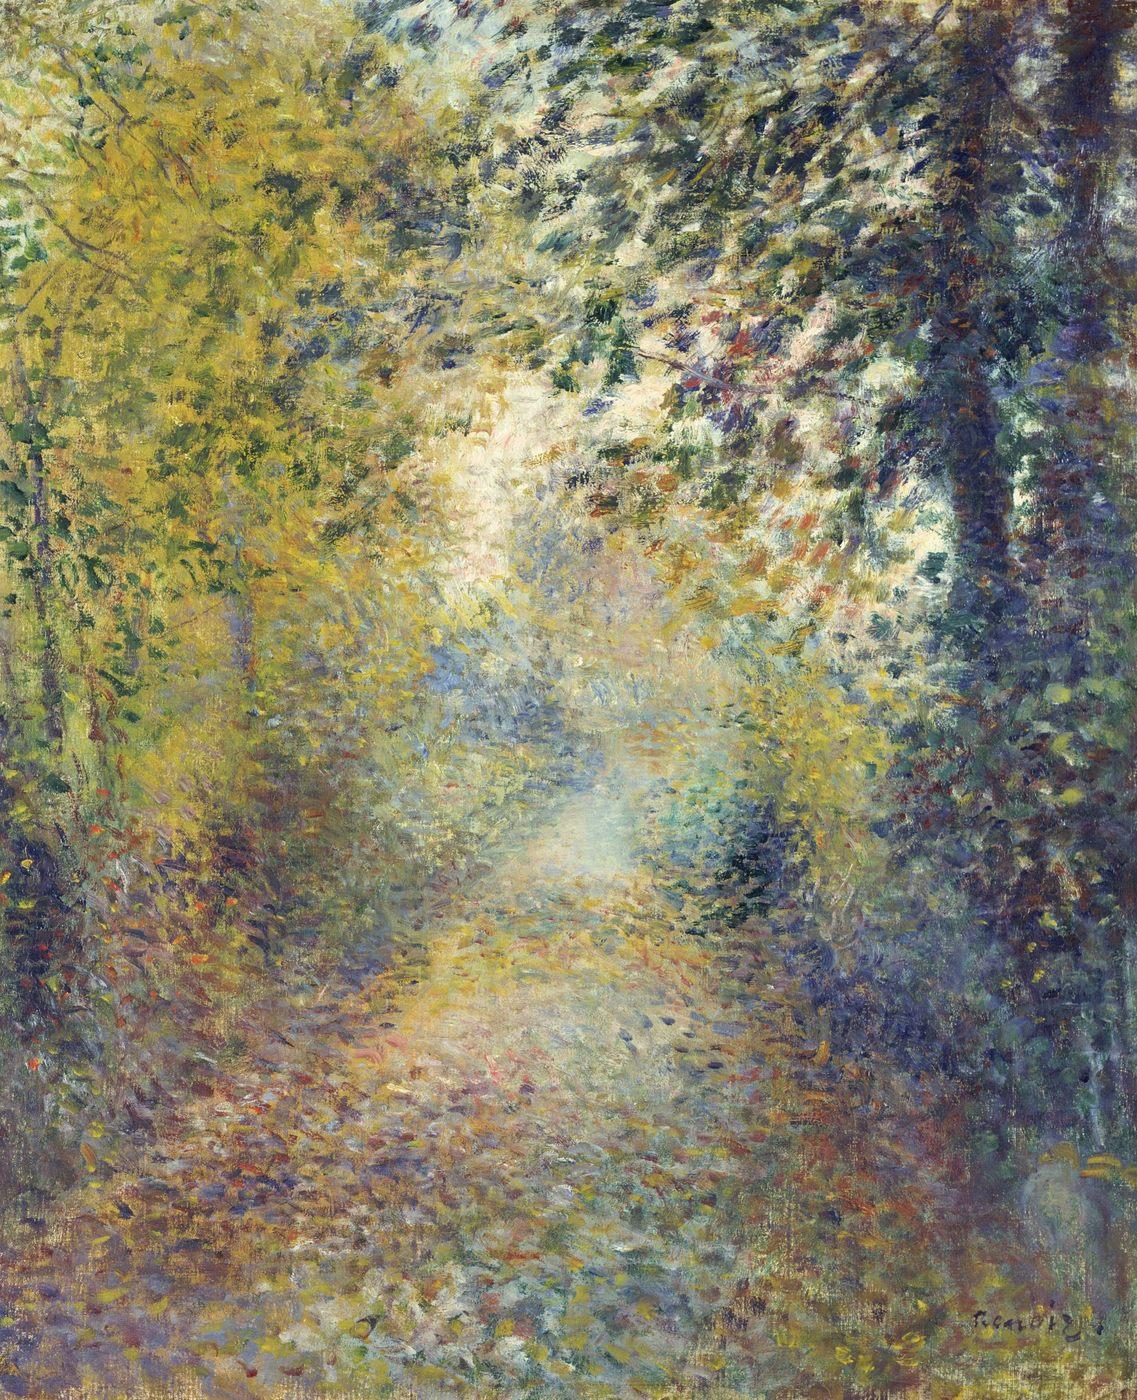 eternels-eclairs.fr/images/peinture/tableaux/auguste-renoir-HD/auguste-renoir-bois.jpg